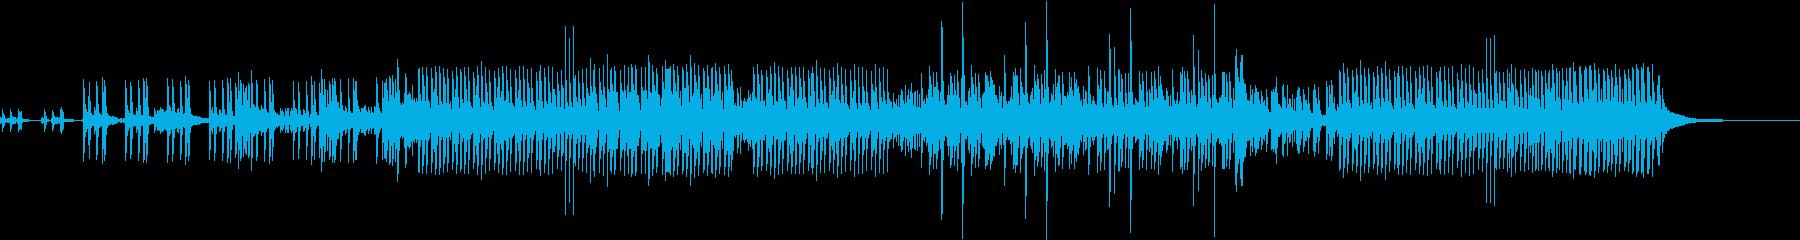 躍動感のあるドラムソロの再生済みの波形